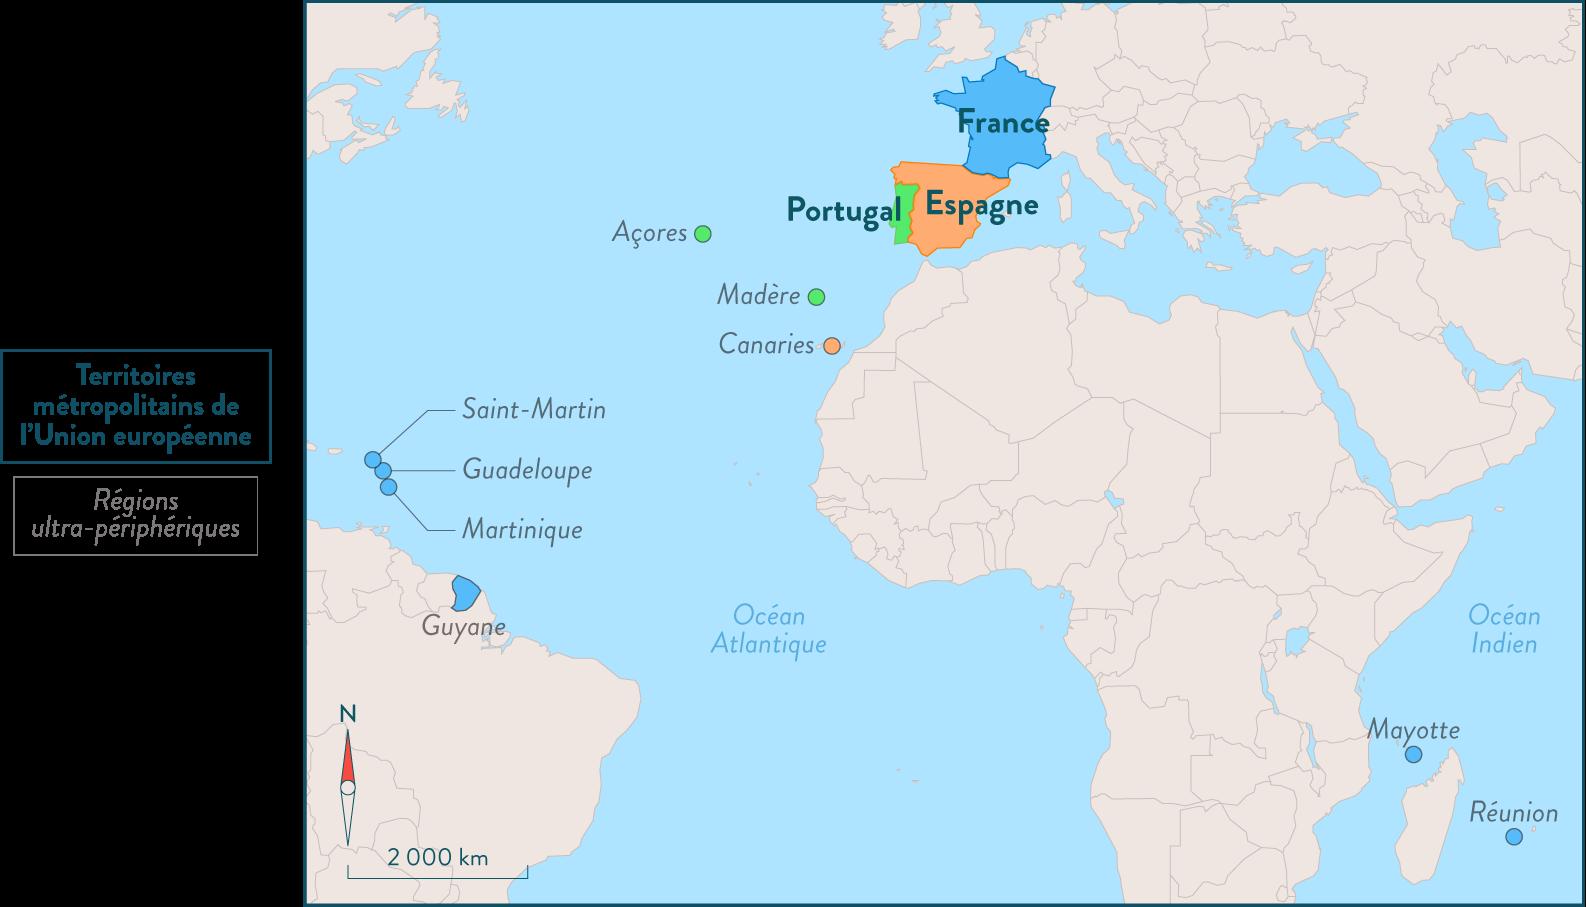 Élargissements successifs de l'UE-histoire-1re